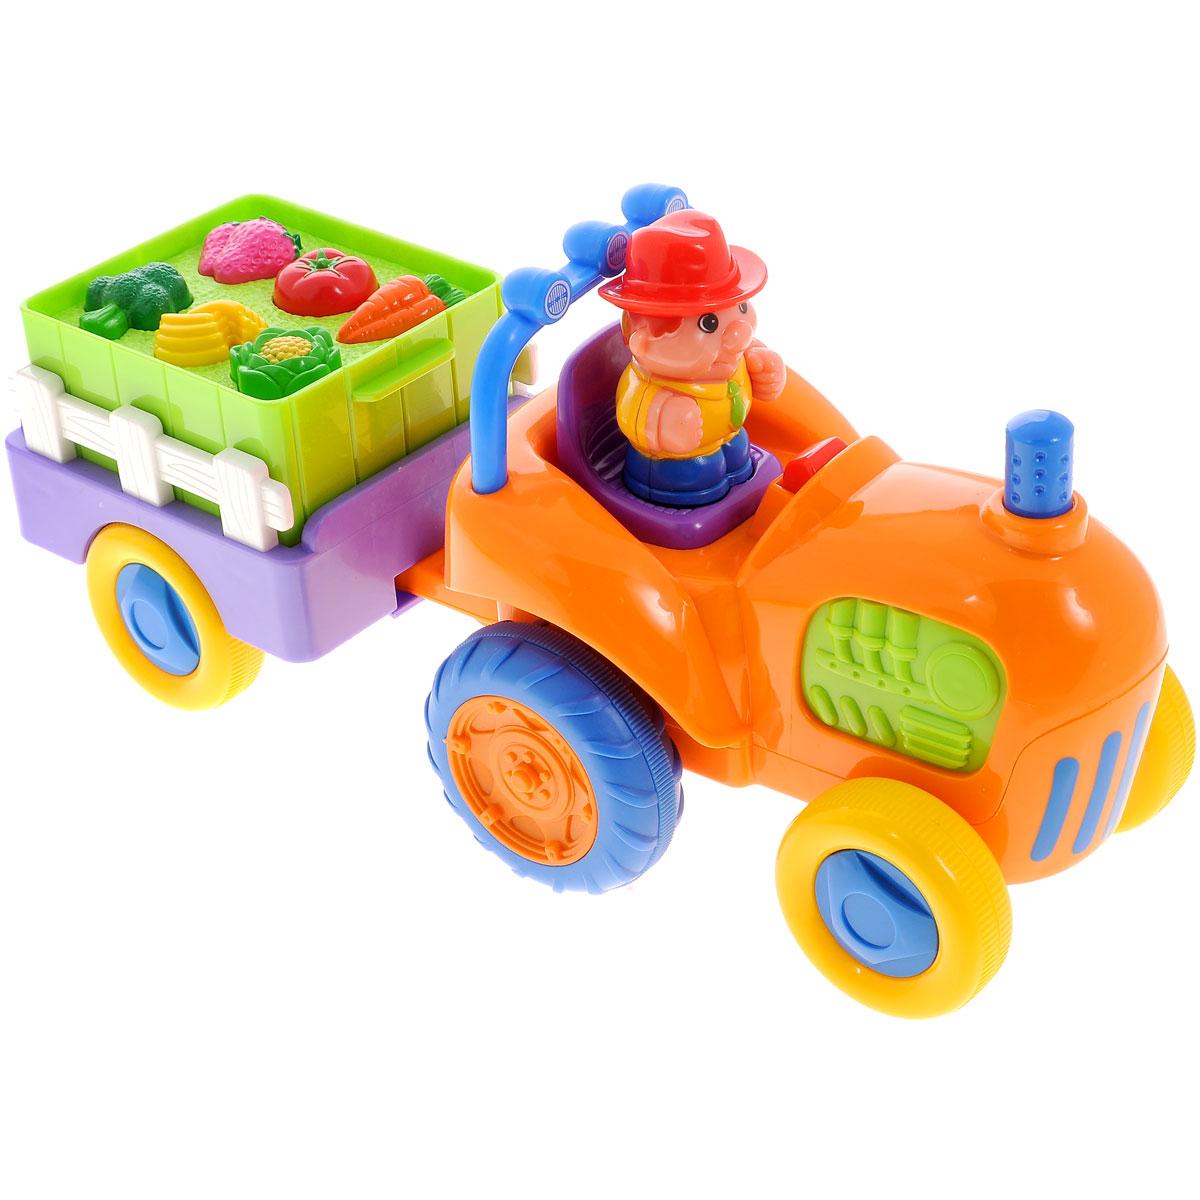 Kiddieland Развивающая игрушка Трактор с овощамиKID 037325Развивающий игровой центр Kiddieland Трактор с овощами обязательно порадует малыша. Трактор снабжен настоящим прицепом, в котором лежат овощи. А в кабине трактора сидит вынимающийся человечек-водитель. Если нажать на фигурку водителя, или вынуть, а потом заново посадить его на сиденье, заиграет забавная мелодия. При нажатии на руль слышен звук клаксона. Если нажать на трубу, трактор будет издавать звук заводящегося мотора. Если нажать на овощи в прицепе - услышим, как они называются по-английски, а потом заиграет мелодия. Игрушка способствует развитию координации движений малыша, ловкости, внимательности и воображения. Рекомендуемый возраст: от 12 месяцев. Питание: 3 батарейки типа AА (входят в комплект).